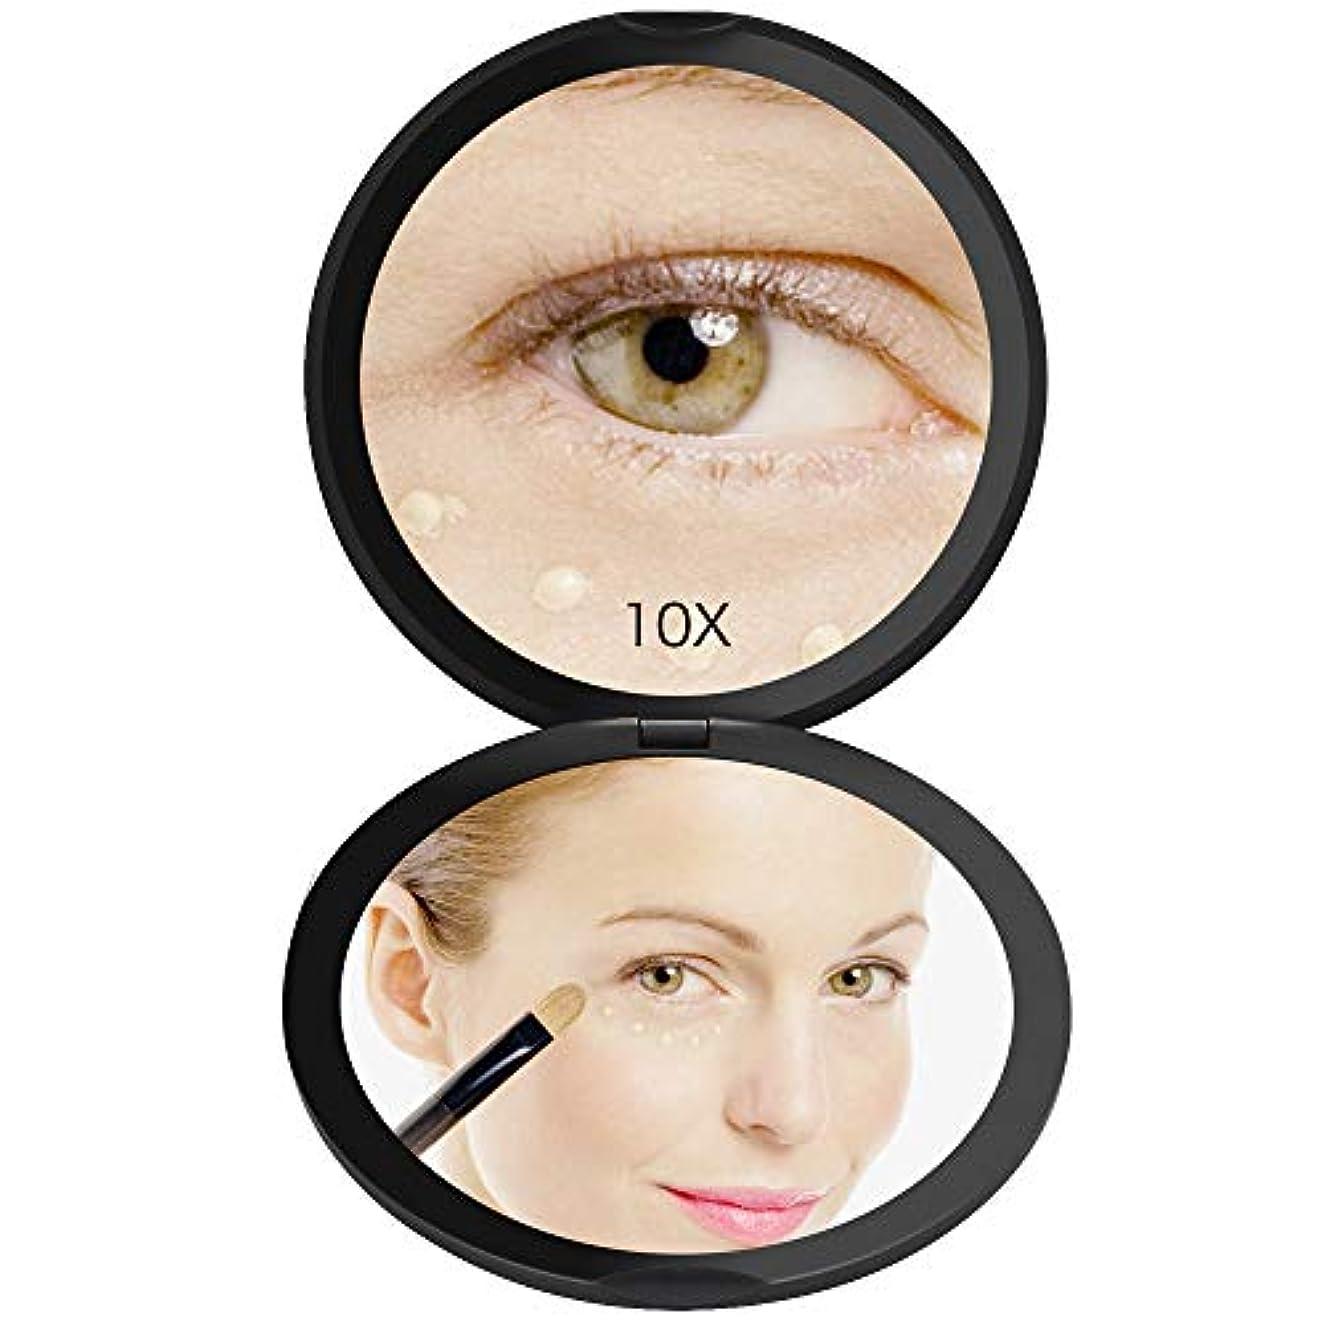 体系的に増強する用心FASCINATE 化粧鏡 化粧ミラー 鏡 女優ミラー 拡大鏡 10倍 明るさ調節可能 電池給電 (ブラック)